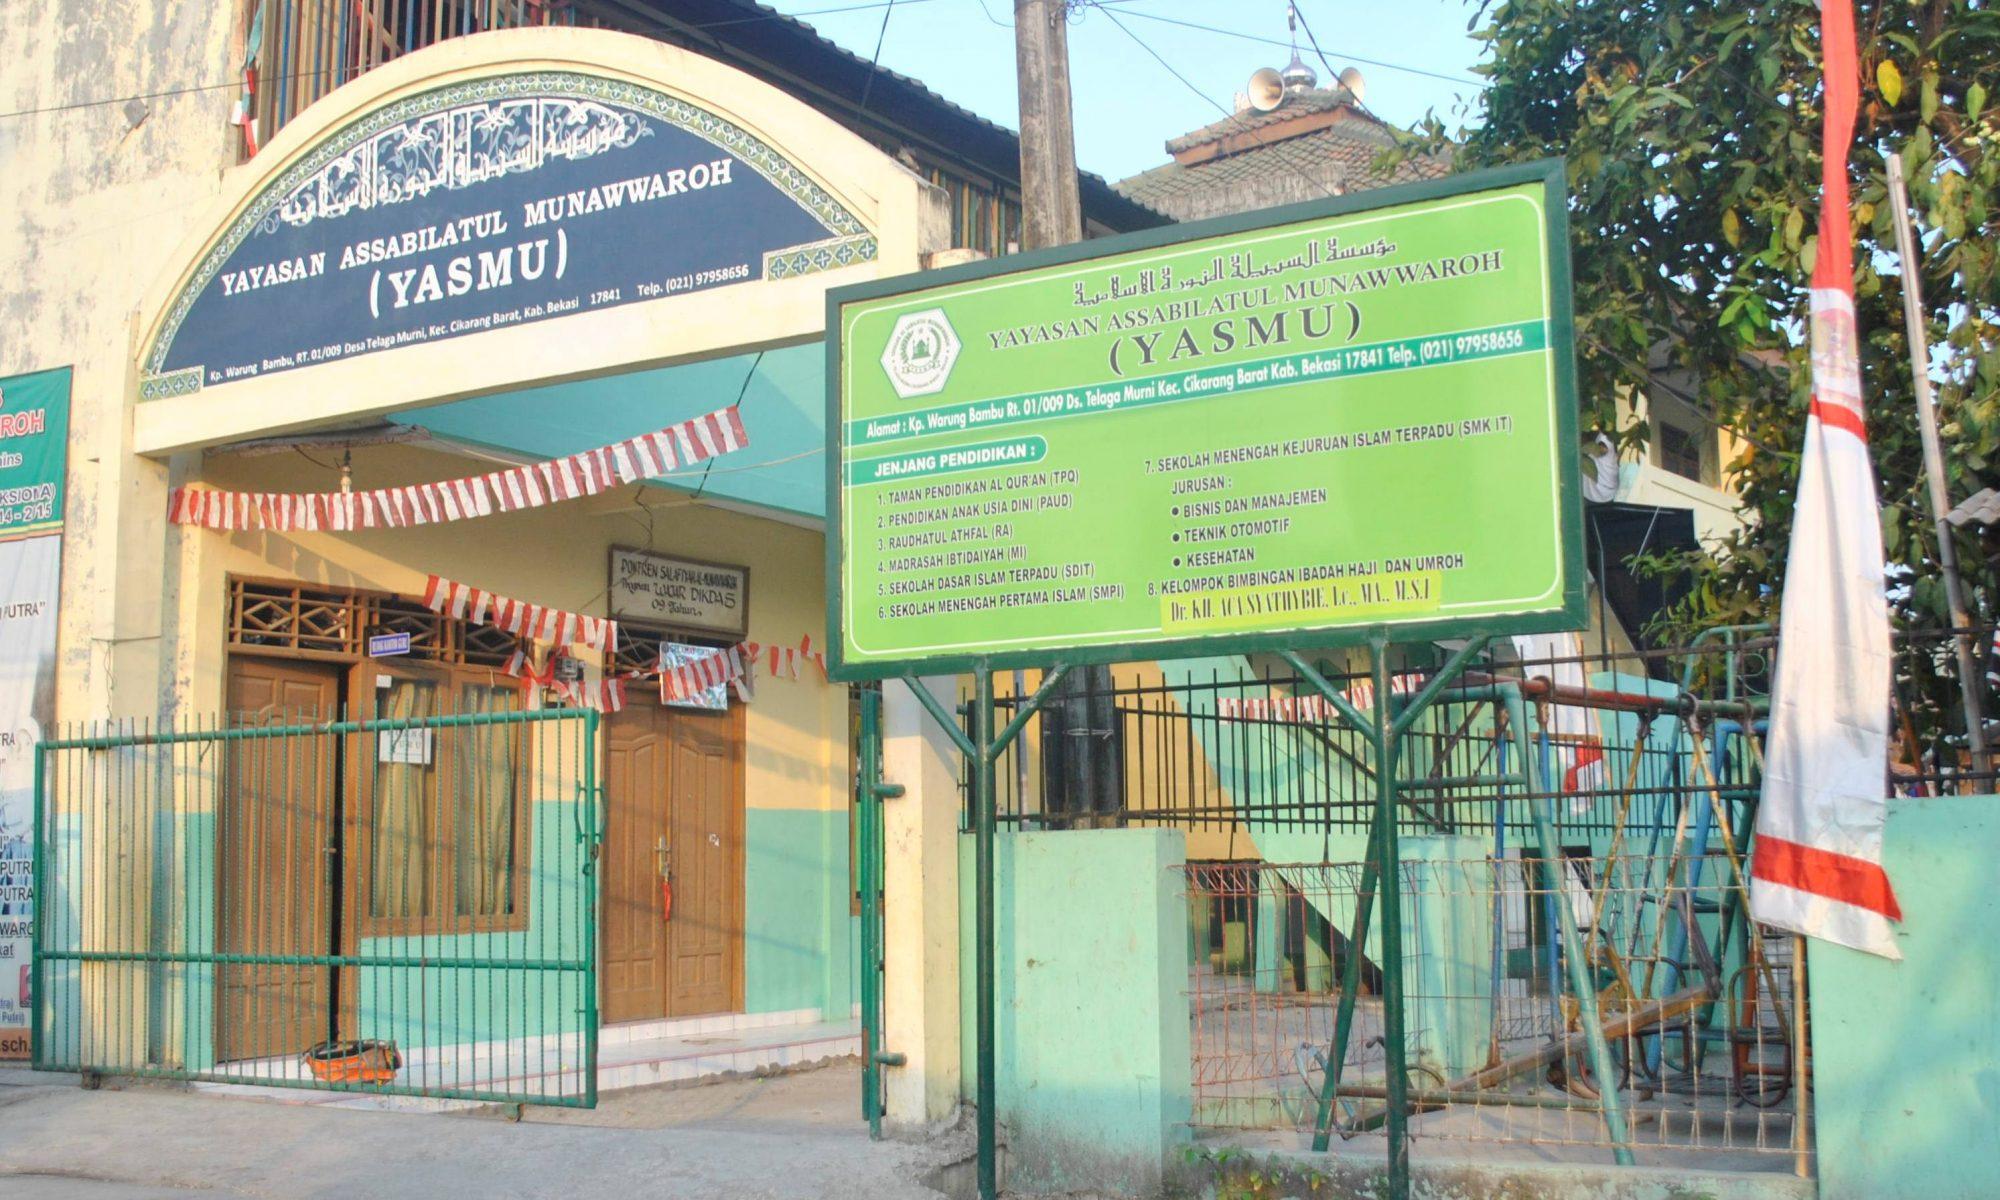 Yayasan Assabilatul Munawwaroh (YASMU)